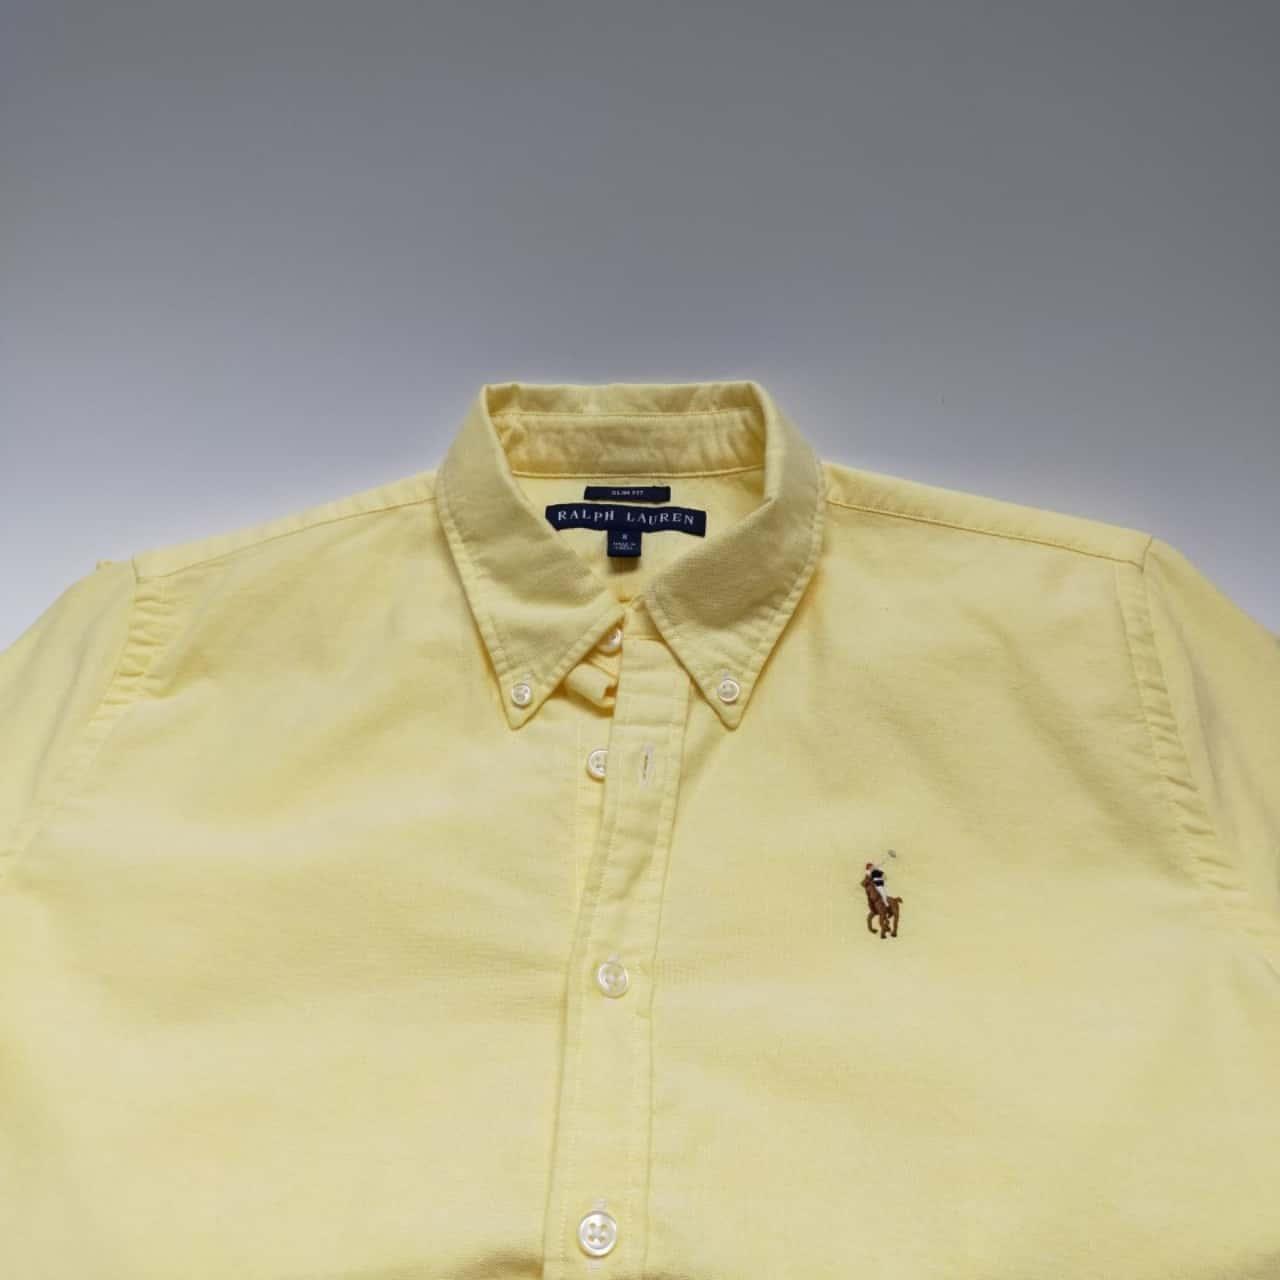 Polo Ralph Lauren Mens Size 8 Business Shirt Yellow